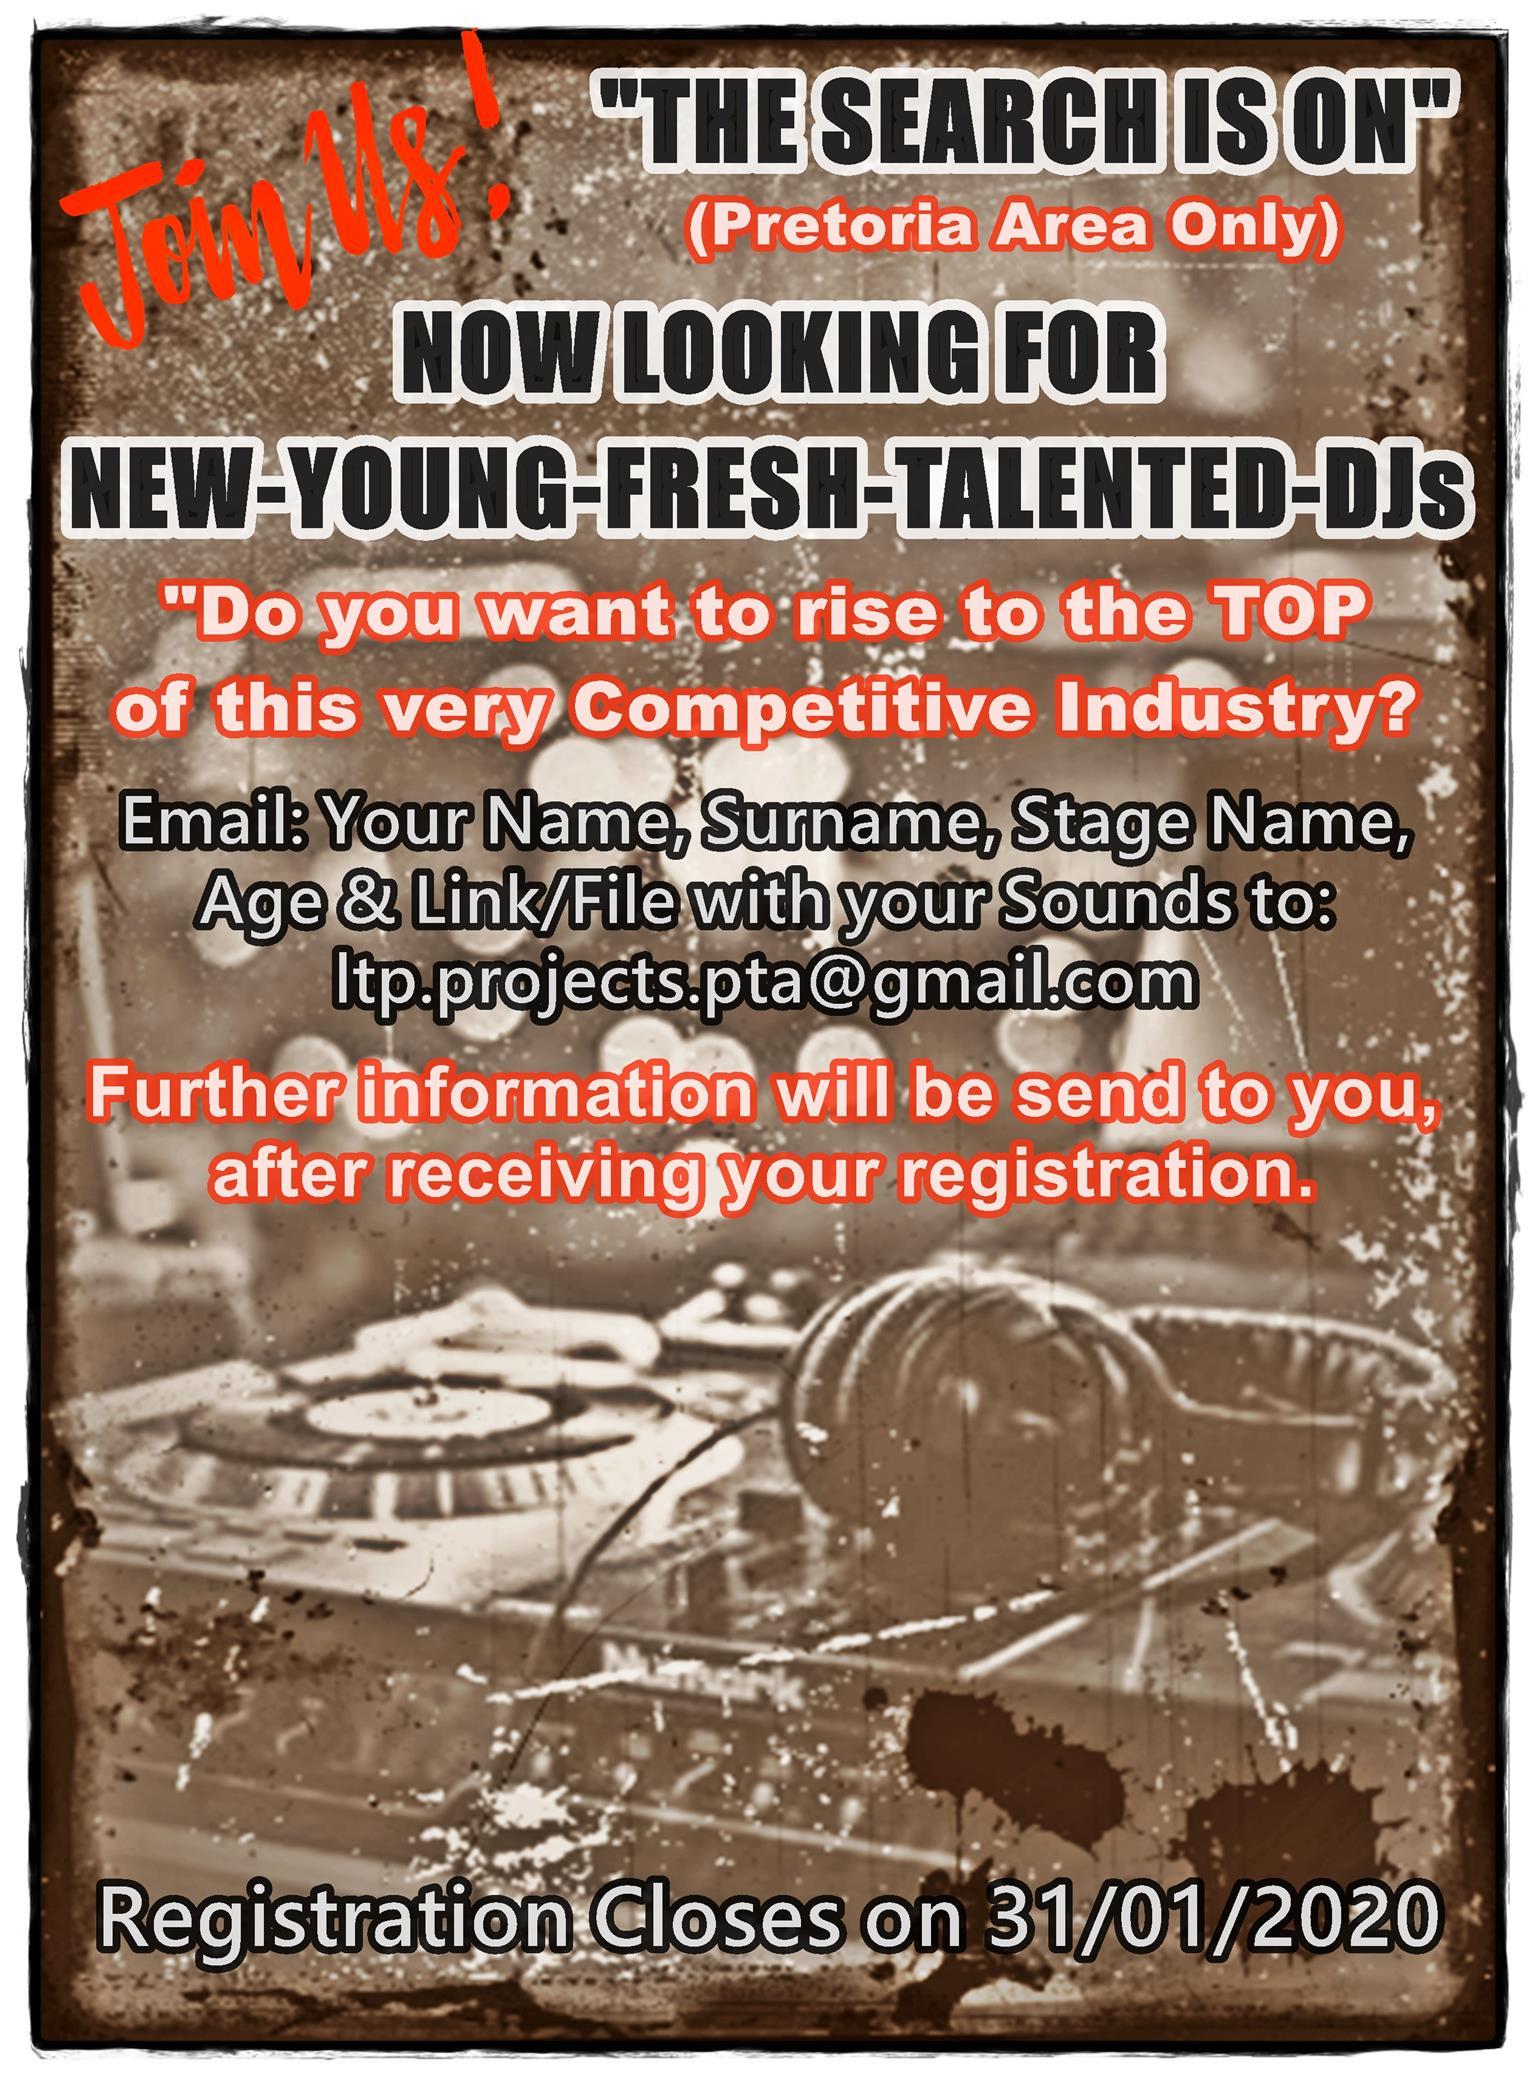 Looking for DJs